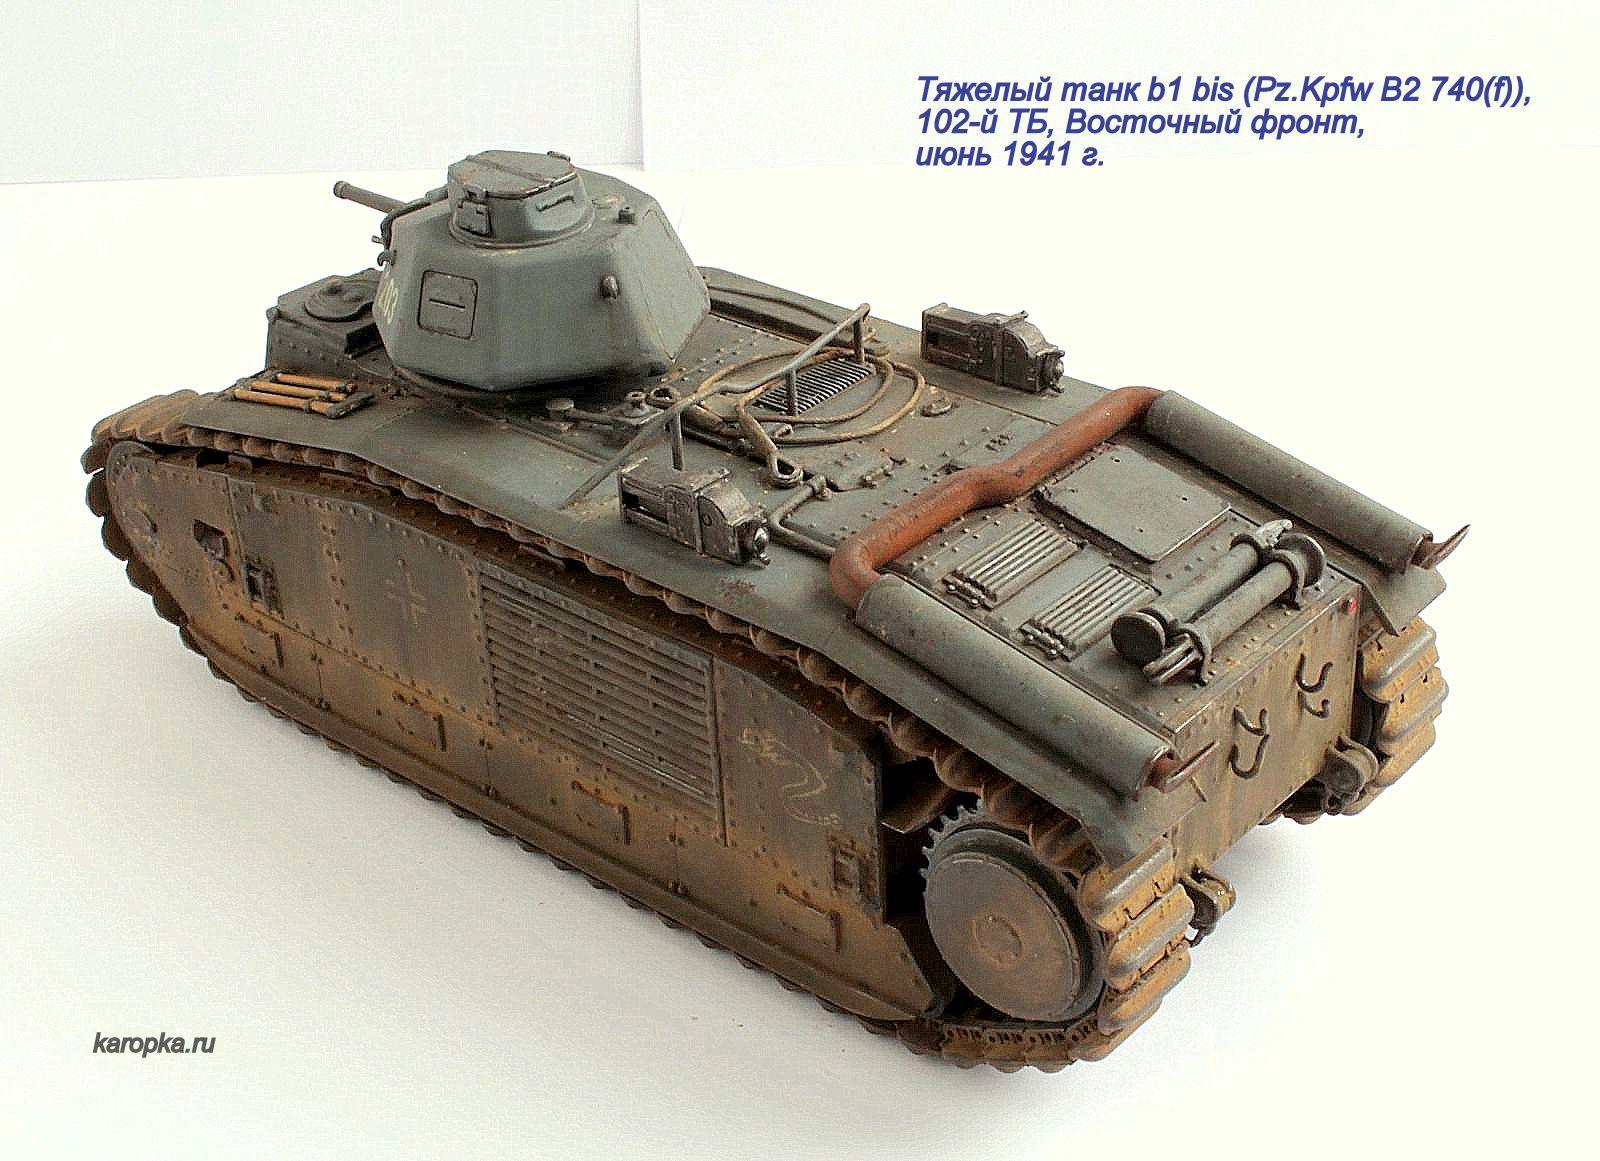 Тяжелый танк B1 bis (Pz.Kpfw B2 740(f)) — Каропка.ру — стендовые ...